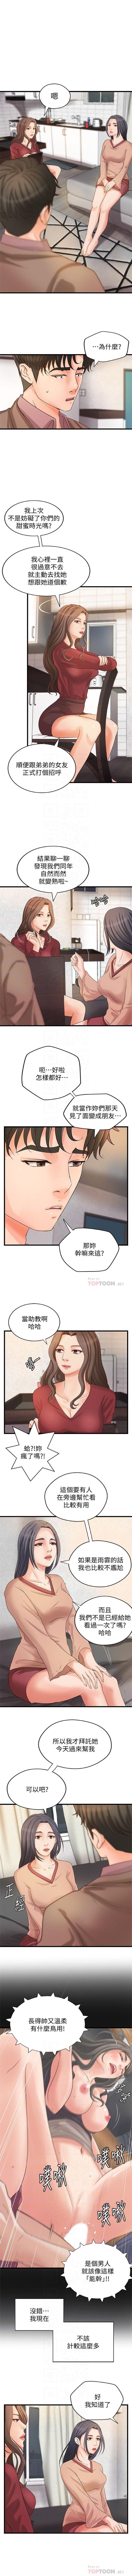 御姐的實戰教學 1-27 官方中文(連載中) 127